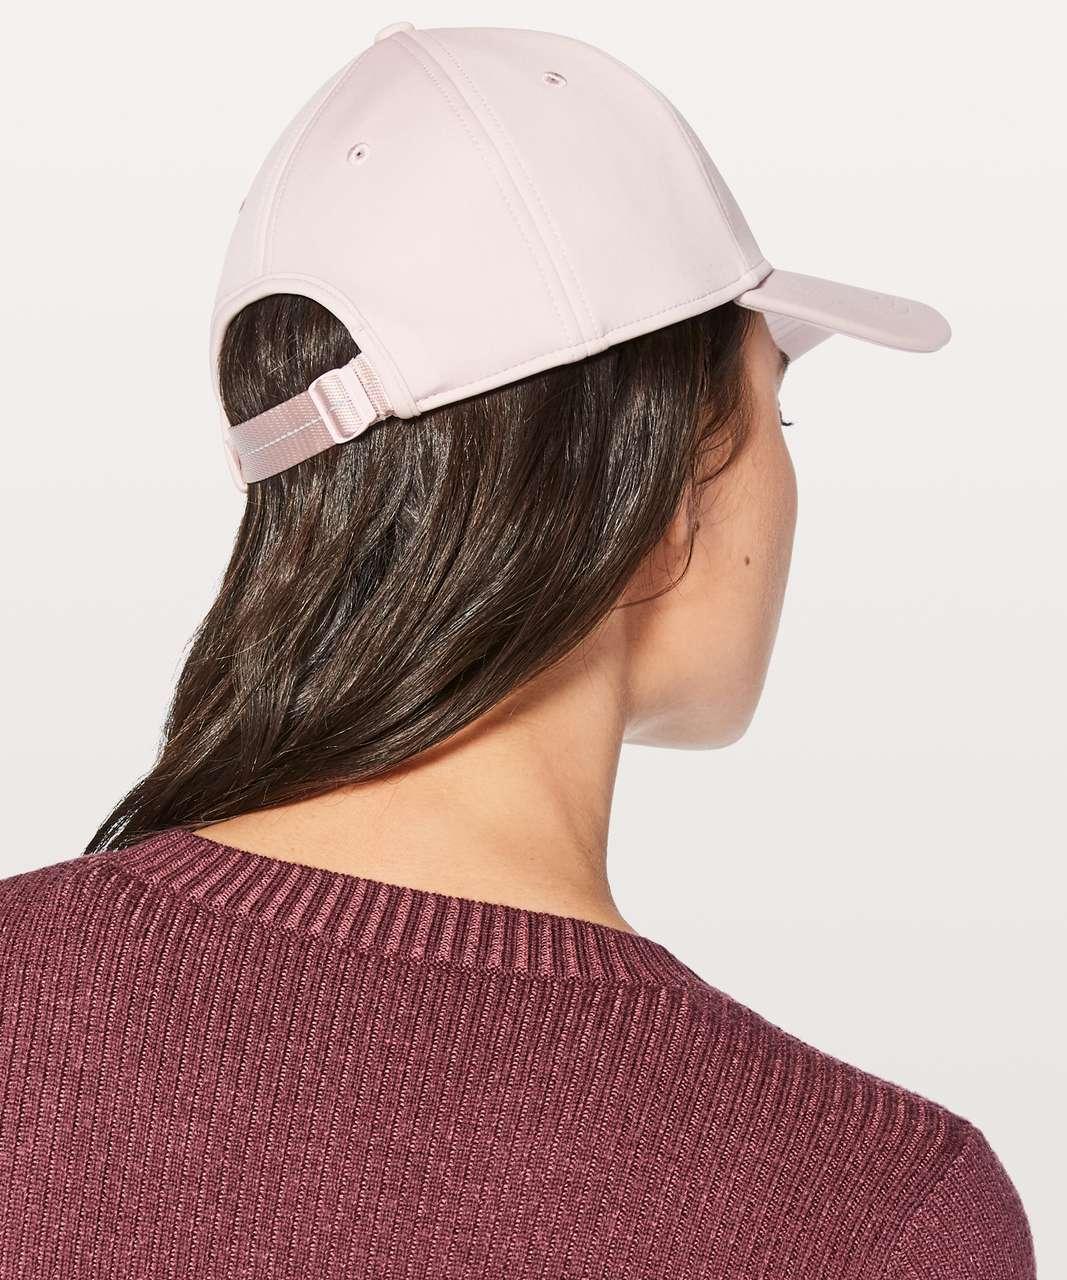 Lululemon Baller Hat - Porcelain Pink